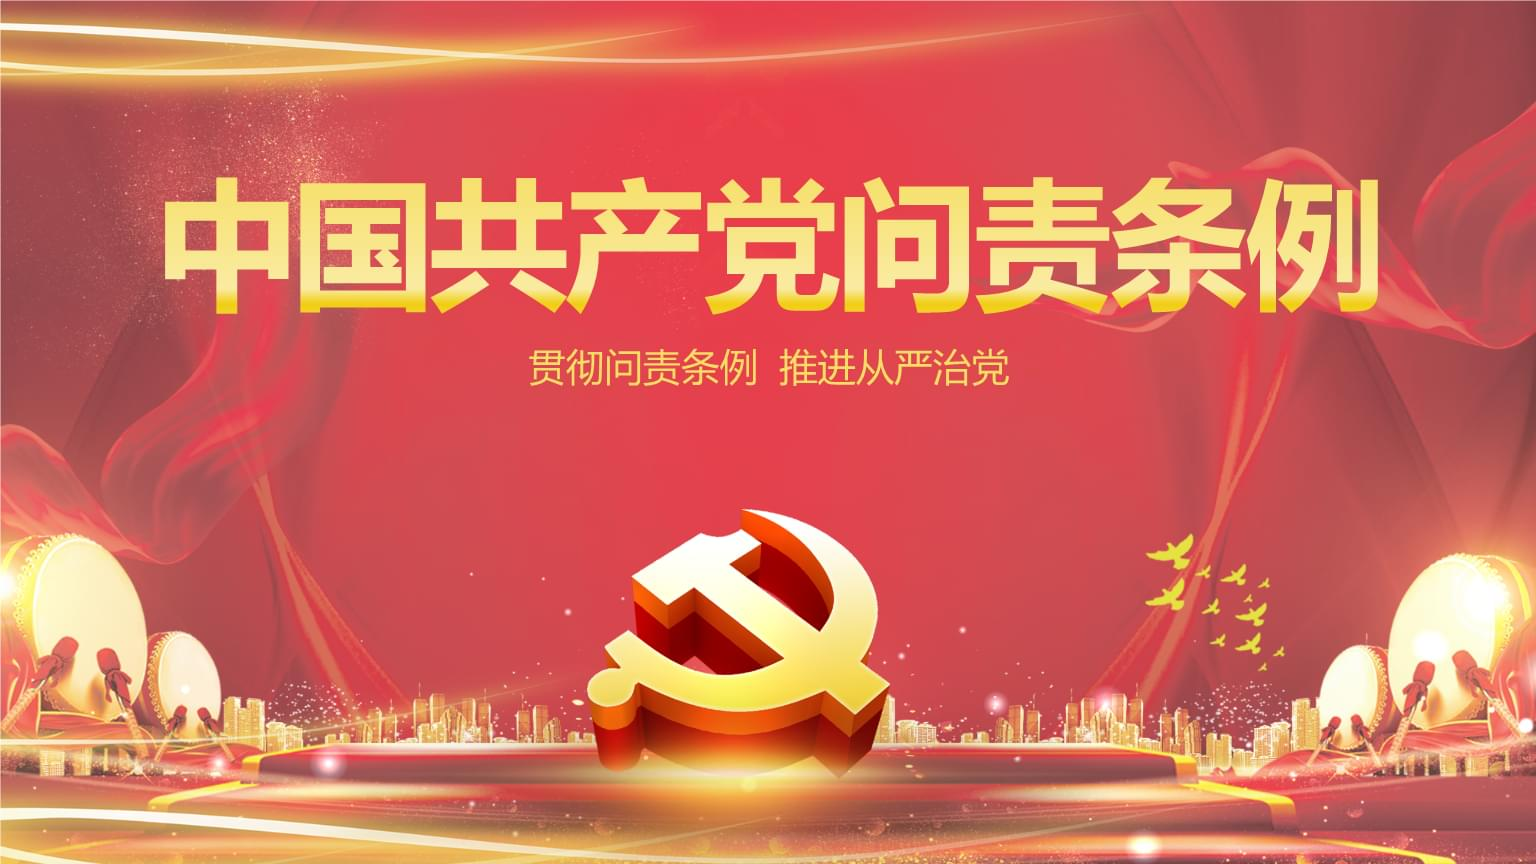 中国共产党问责条例党课.pptx